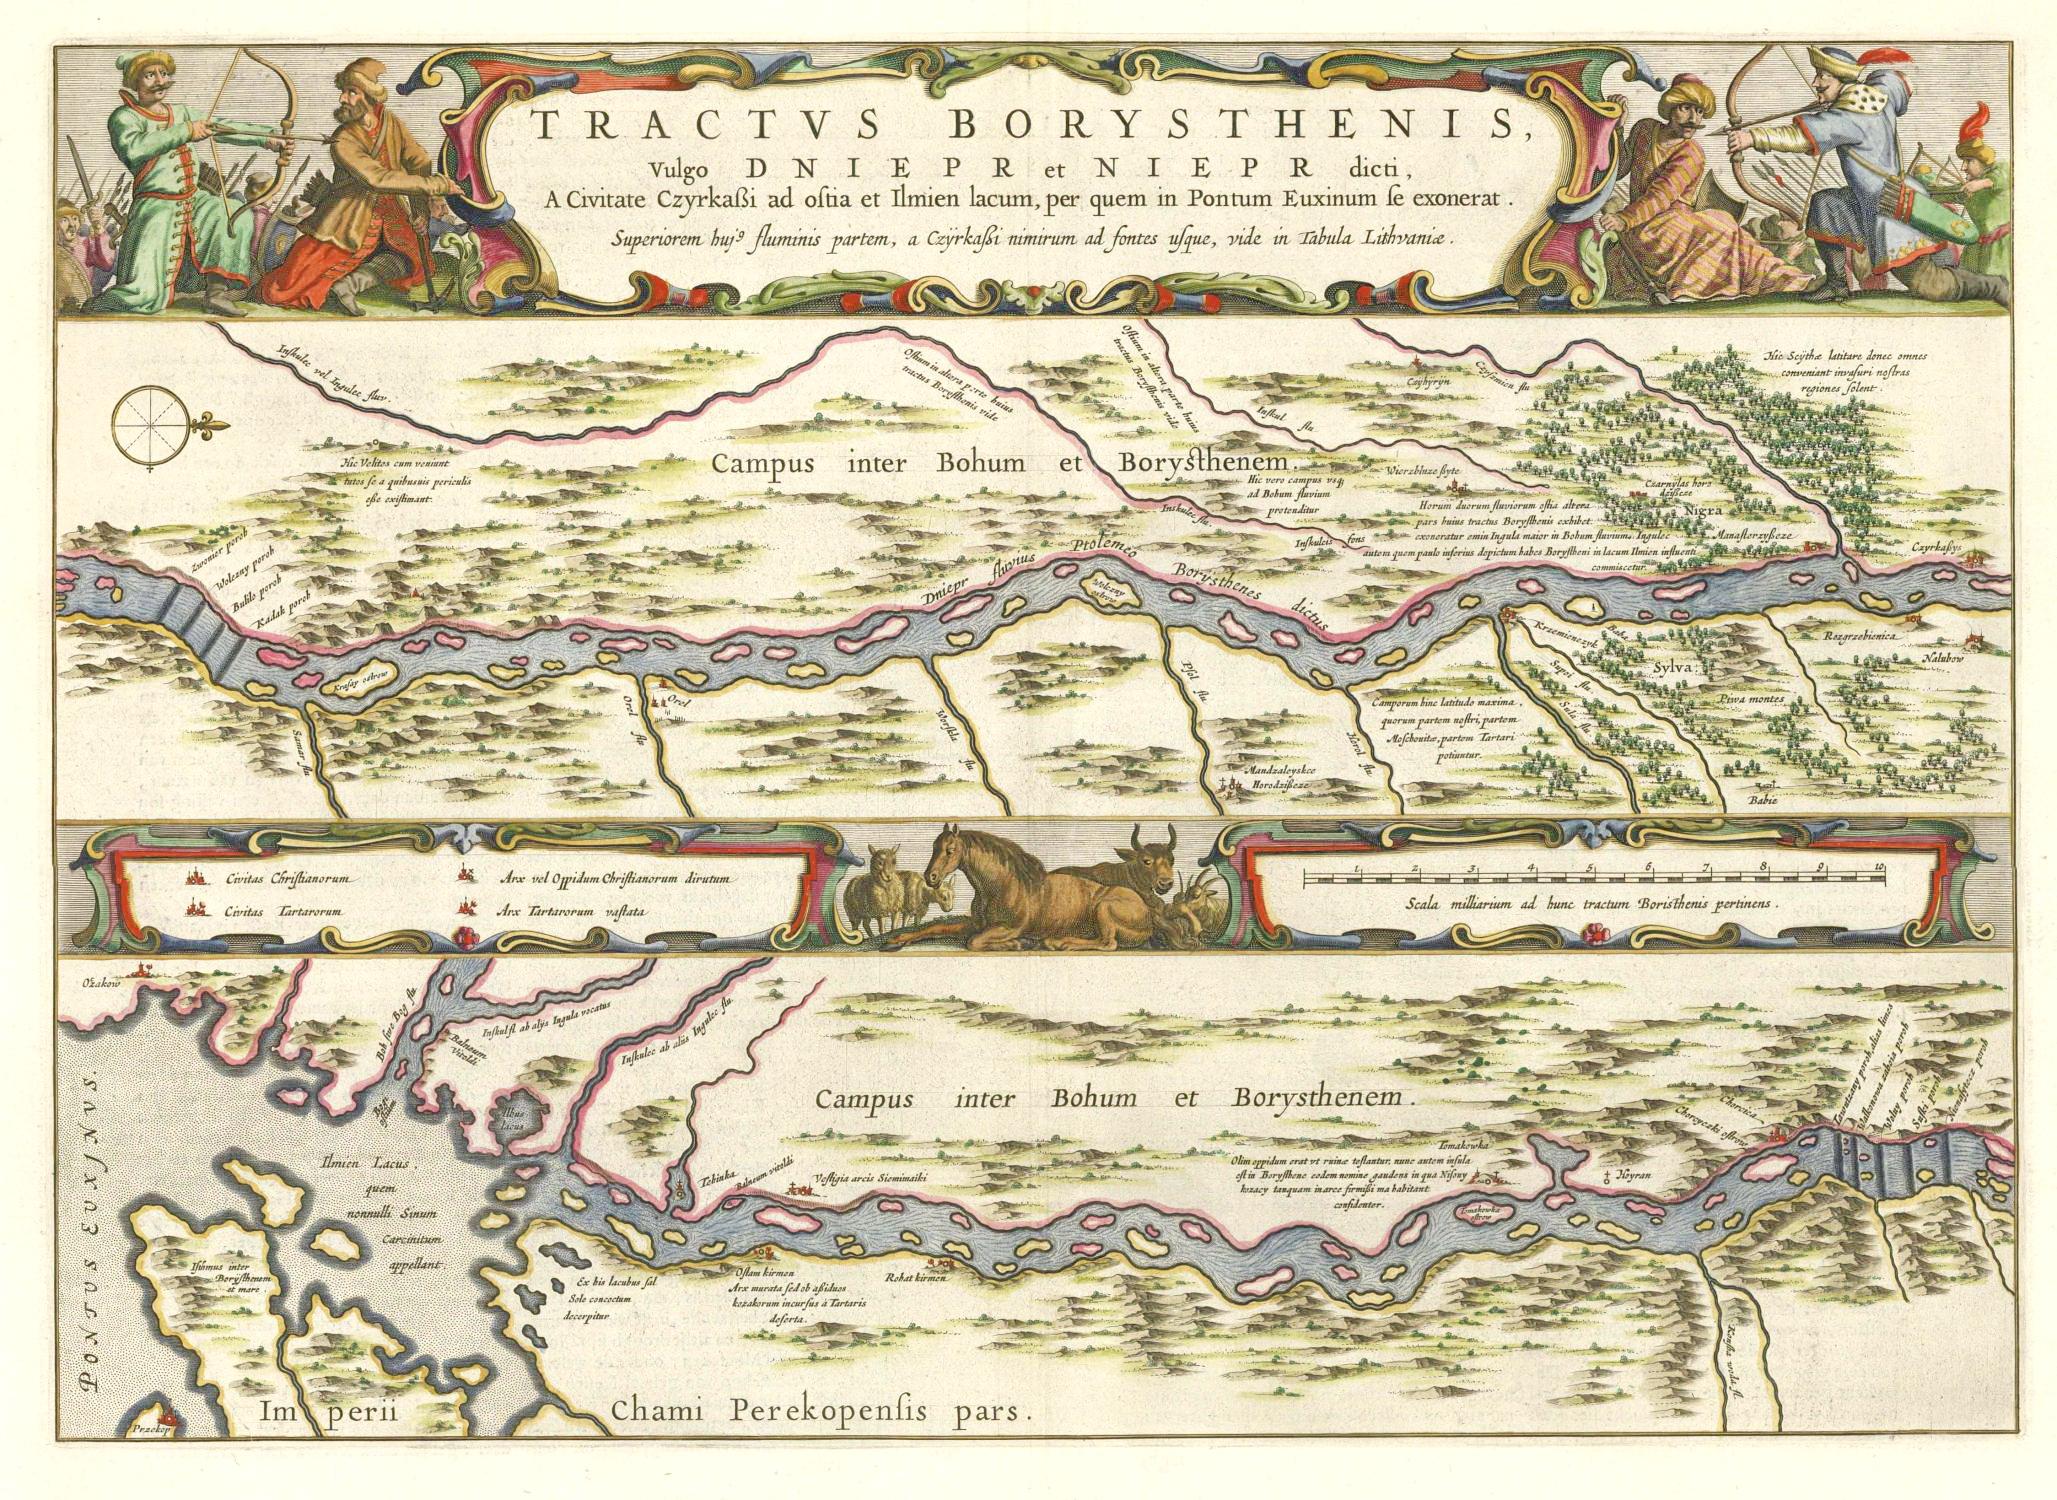 Johannes Blaeu (Amsterdam). Atlas Maior. Muestra el curso del Dniéper desde Cherkasy hasta la desembocadura del Mar Negro.